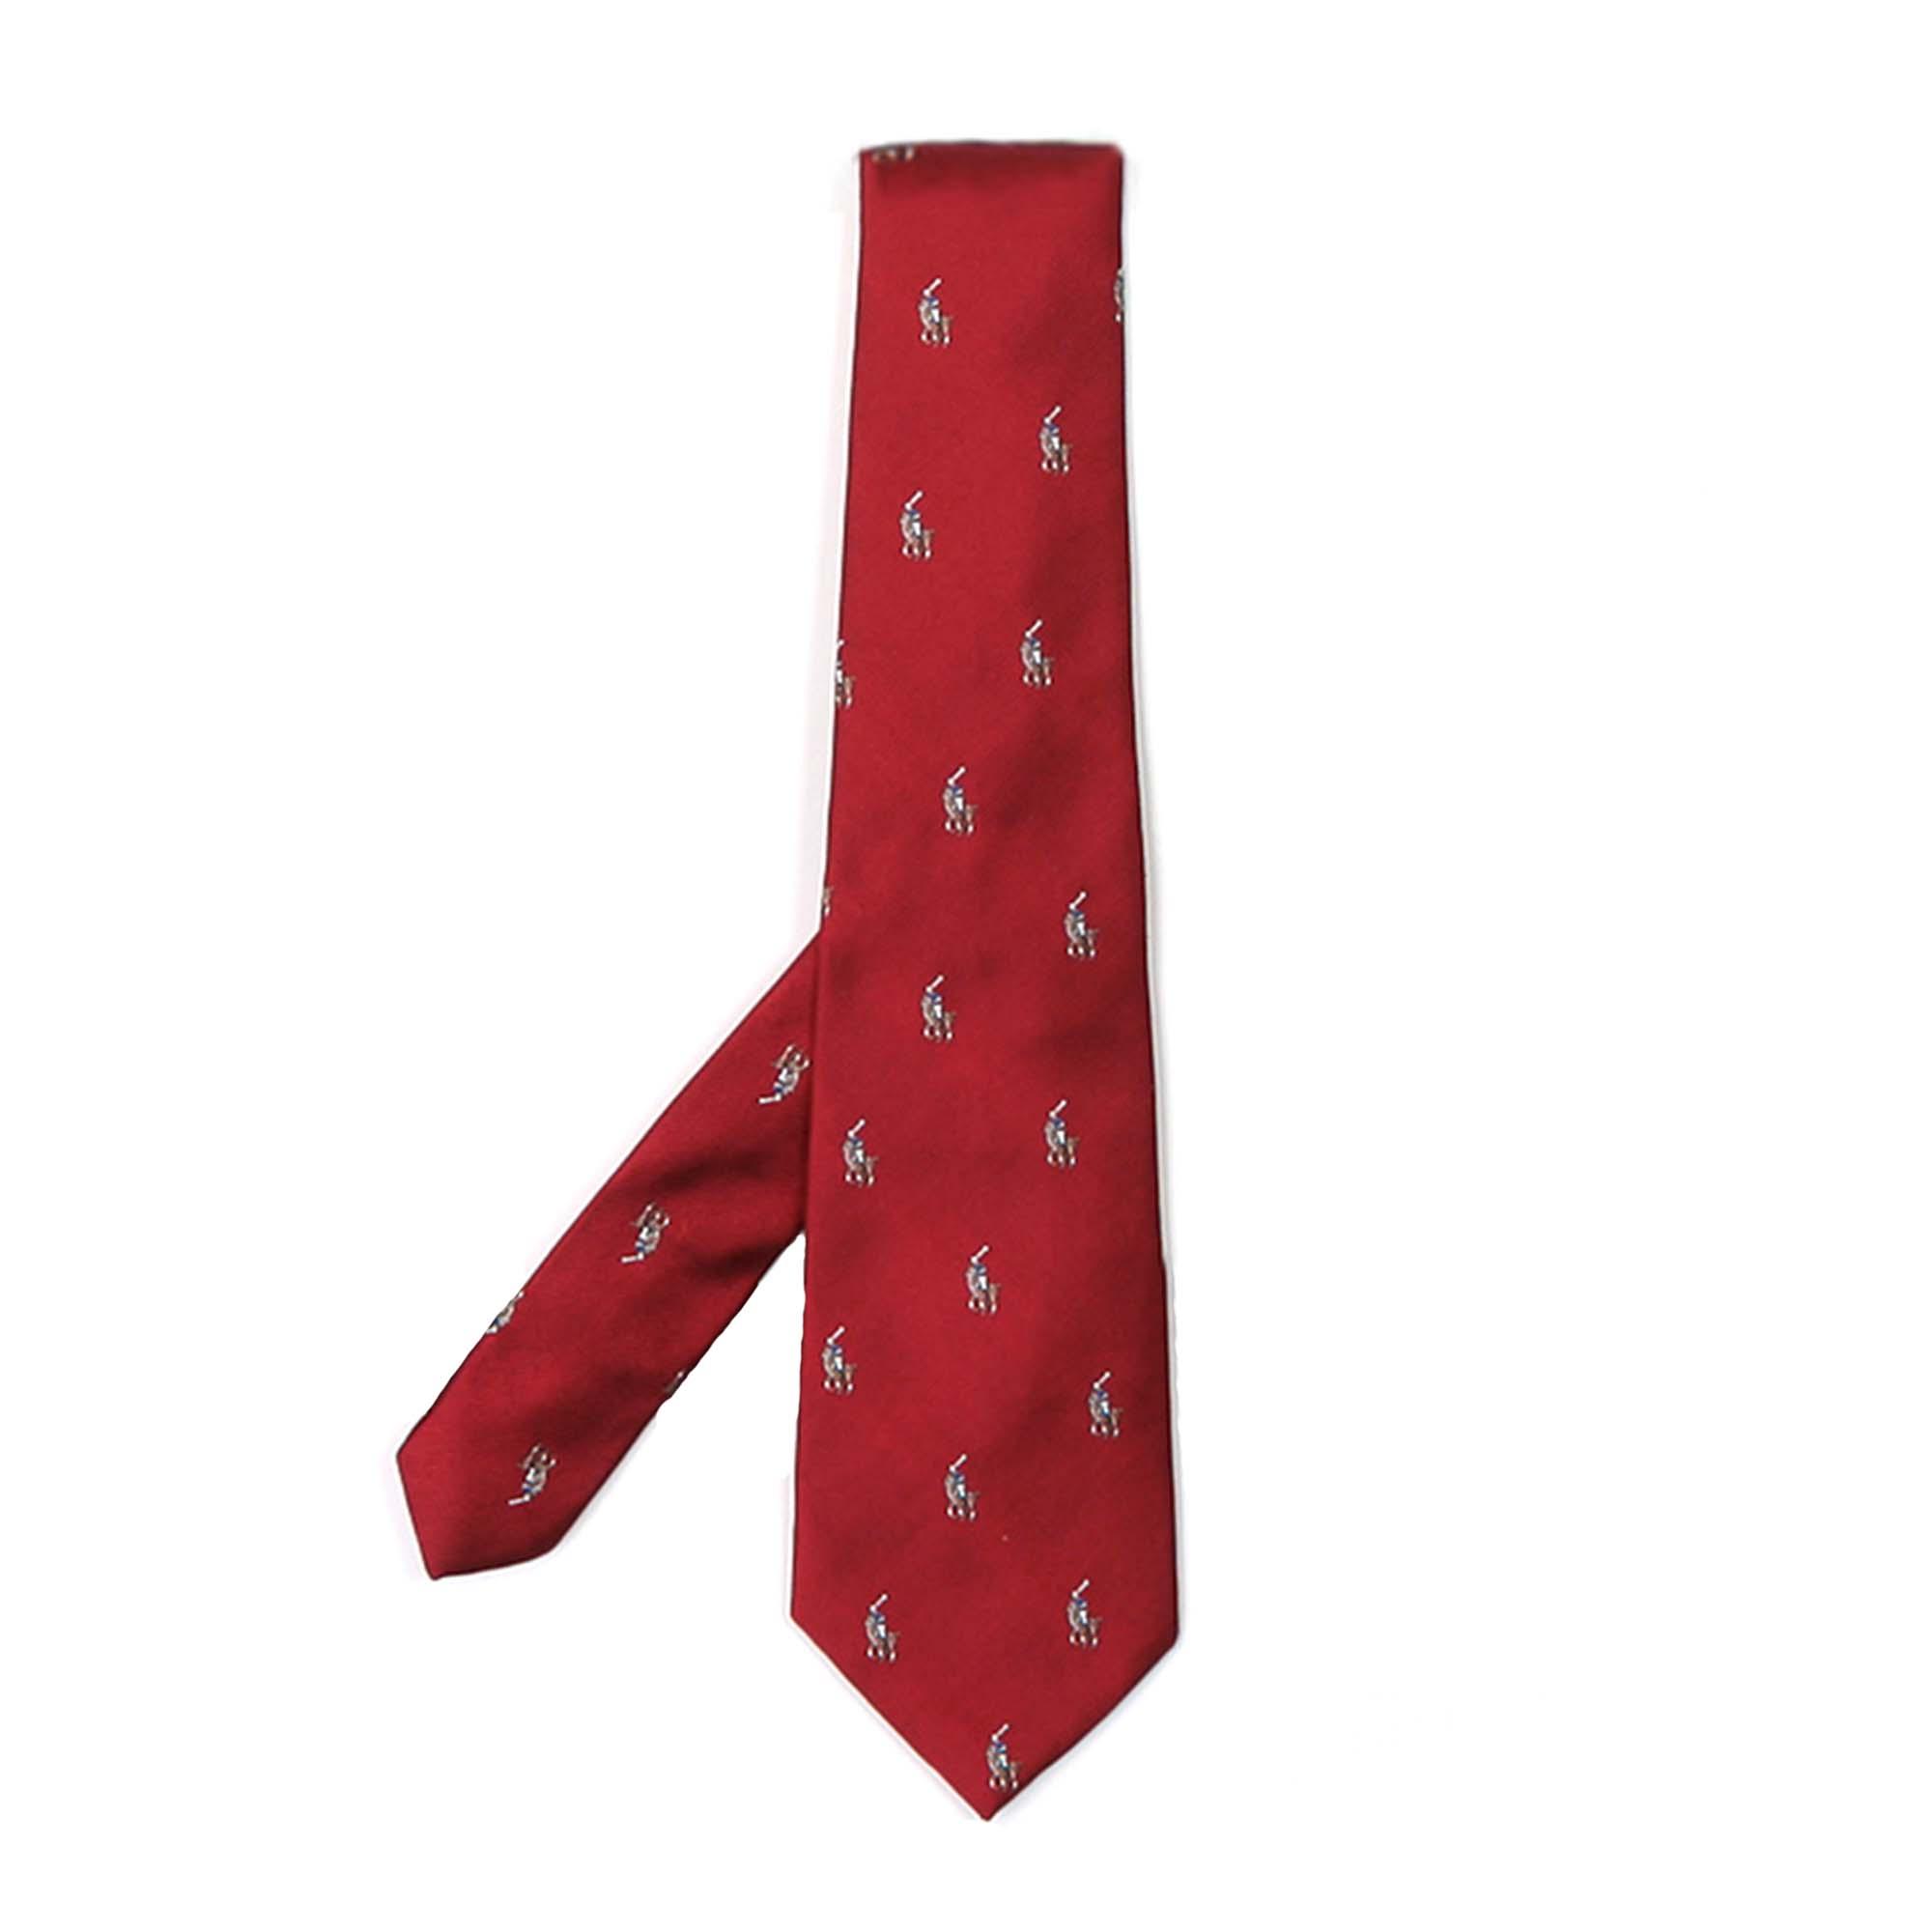 sale retailer 11105 b8486 Cravatta Bambino Rossa In Reps Di Seta Con Pony